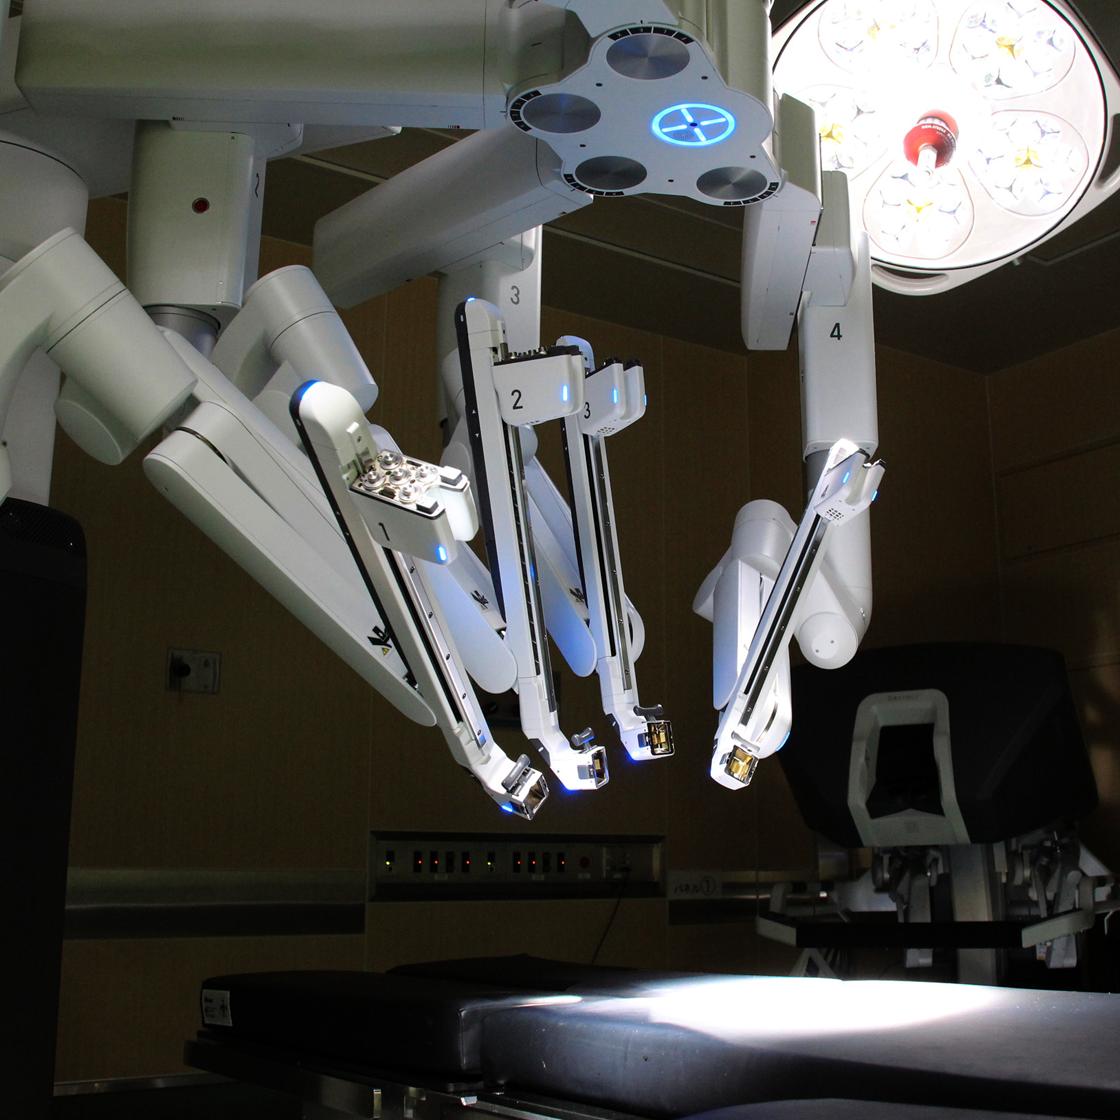 手術支援ロボット ダヴィンチ(da Vinci)による肺がん手術・縦隔腫瘍手術